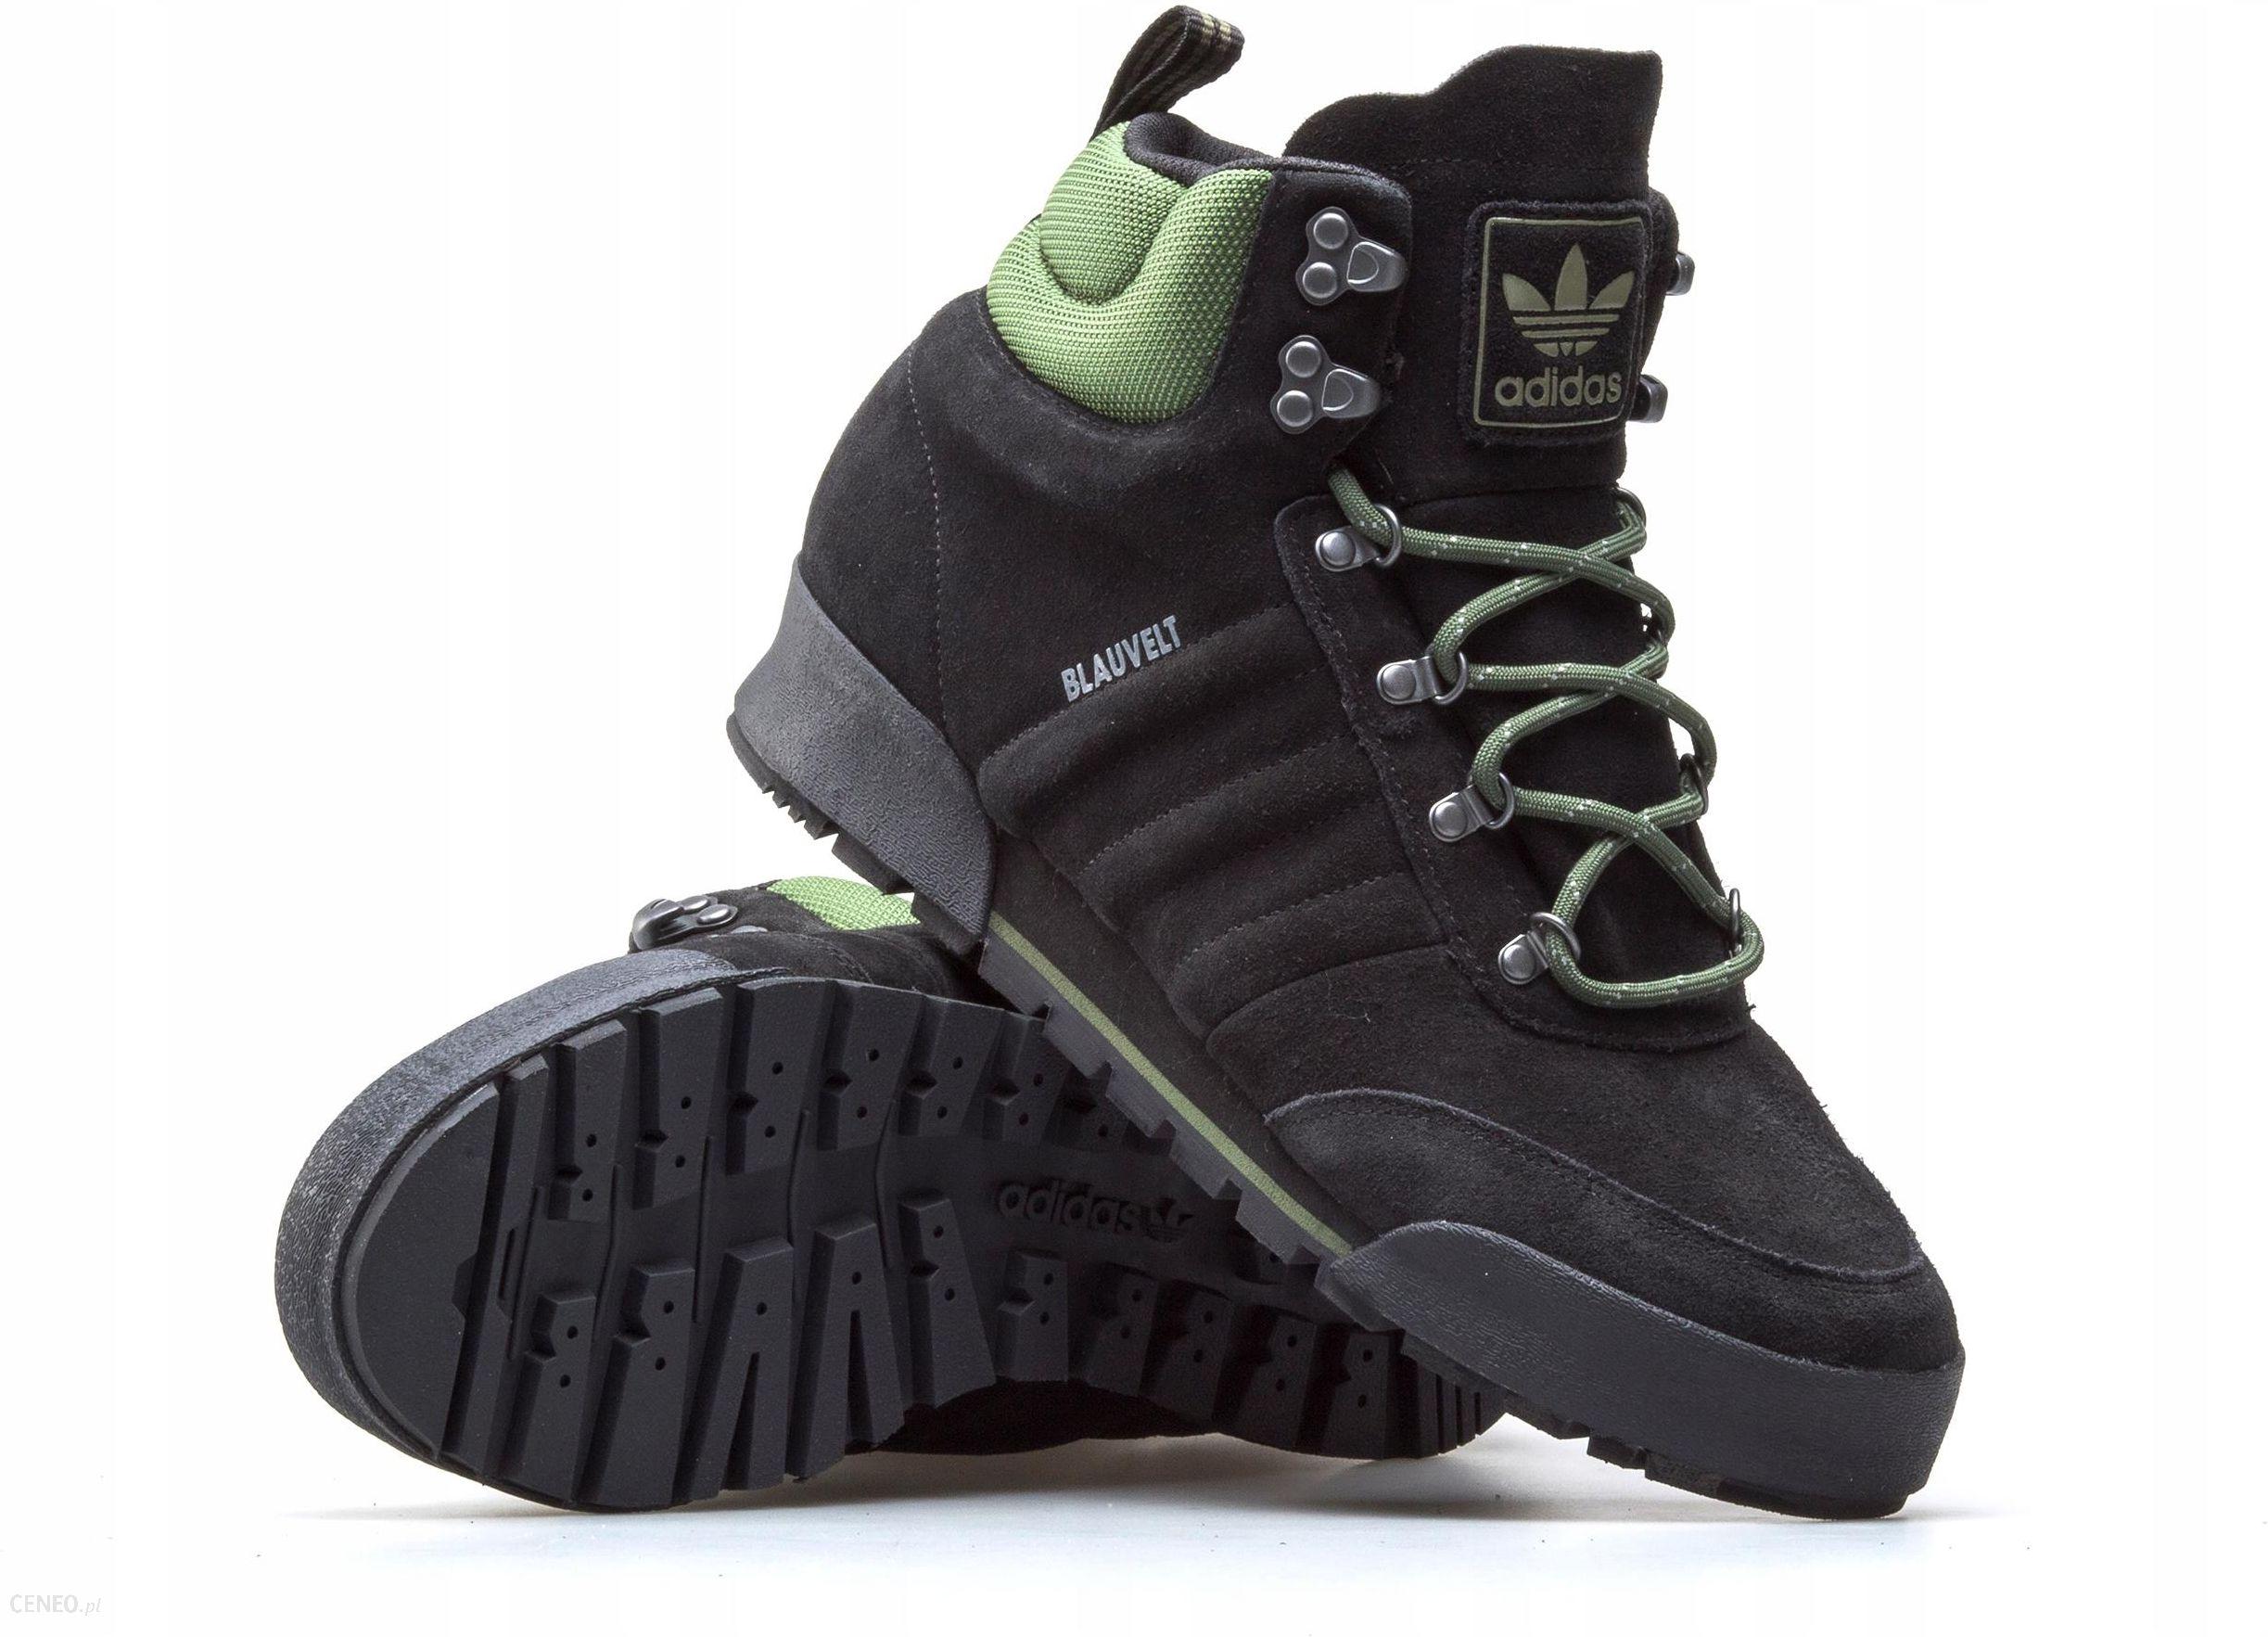 Buty męskie adidas Jake Boot 2.0 B41494 r. 41 13 Ceny i opinie Ceneo.pl